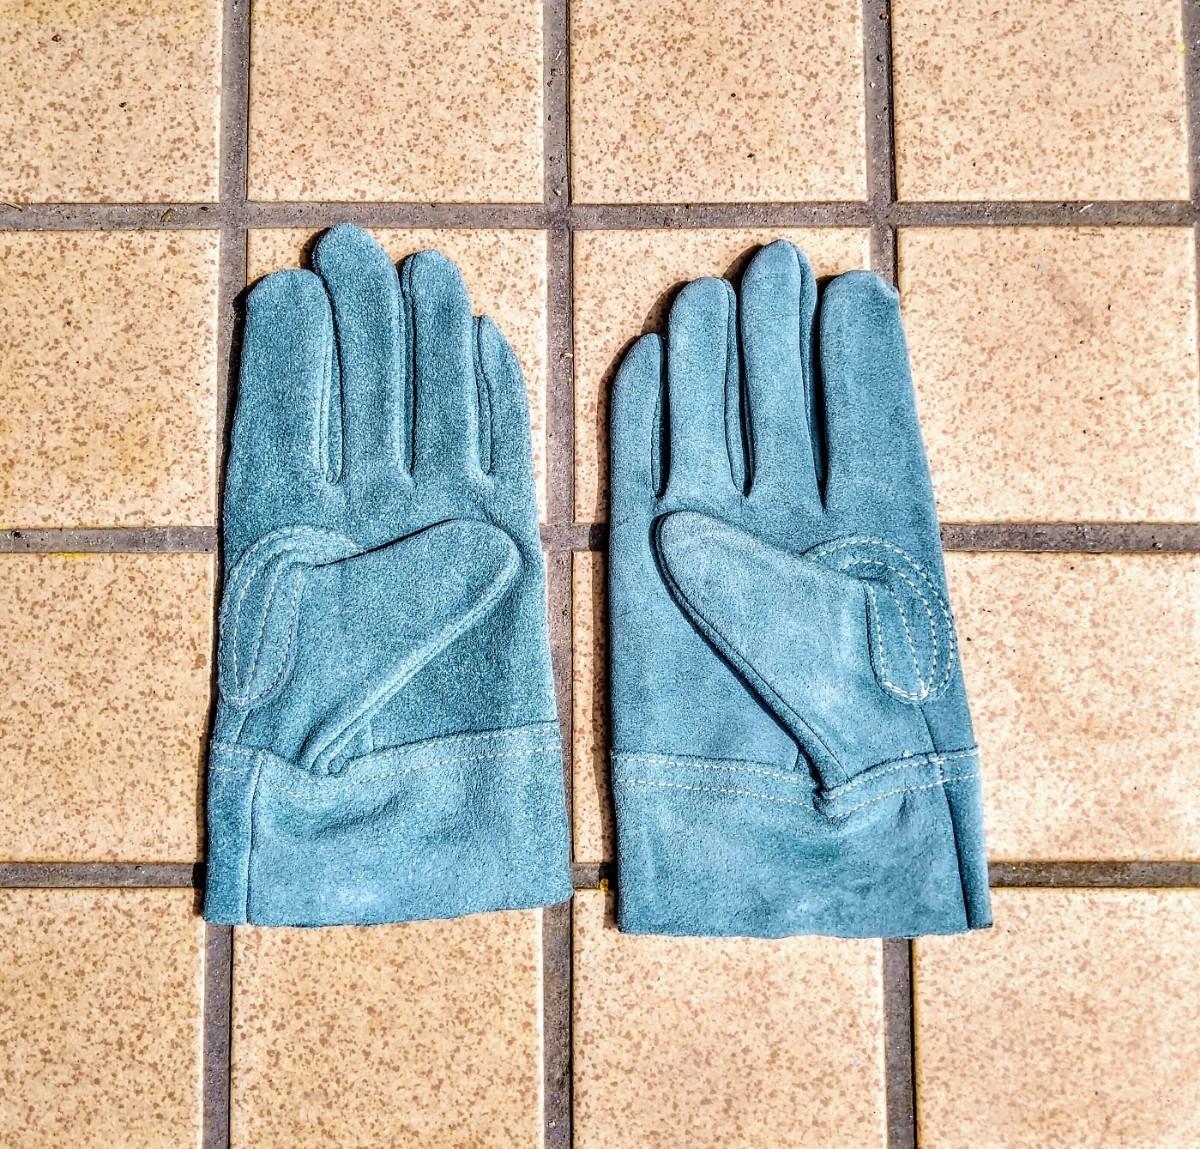 【新品未使用】ブルー 耐熱グローブ 耐熱 手袋 レザー キャンプ バーベキュー アウトドア 焚火